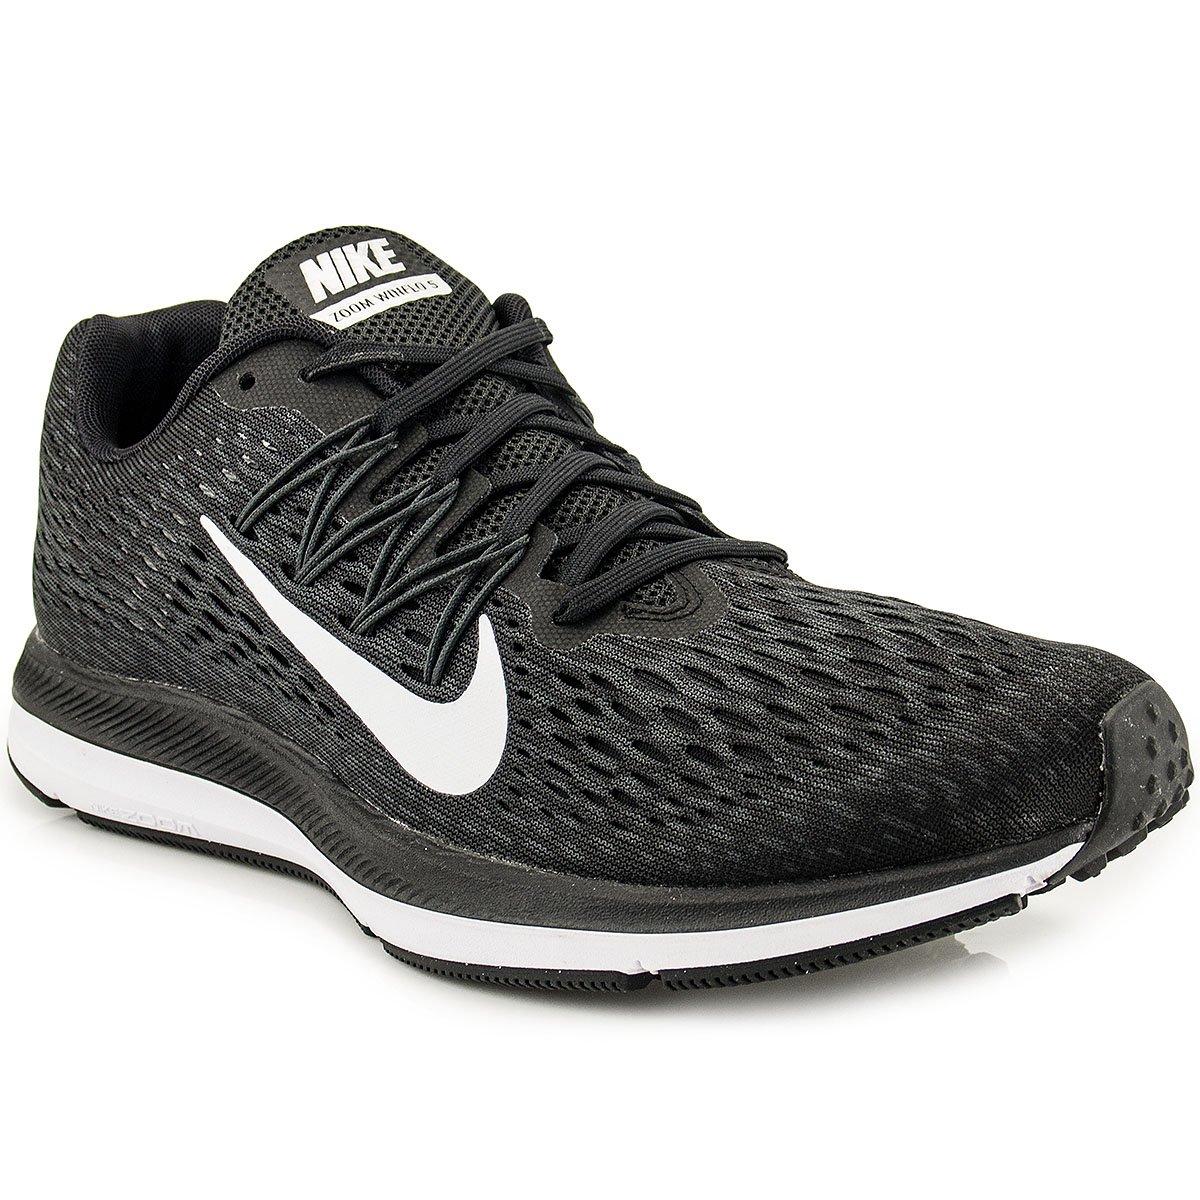 01bad01a06 Tênis Nike Air Zoom Winflo 5 Masculino